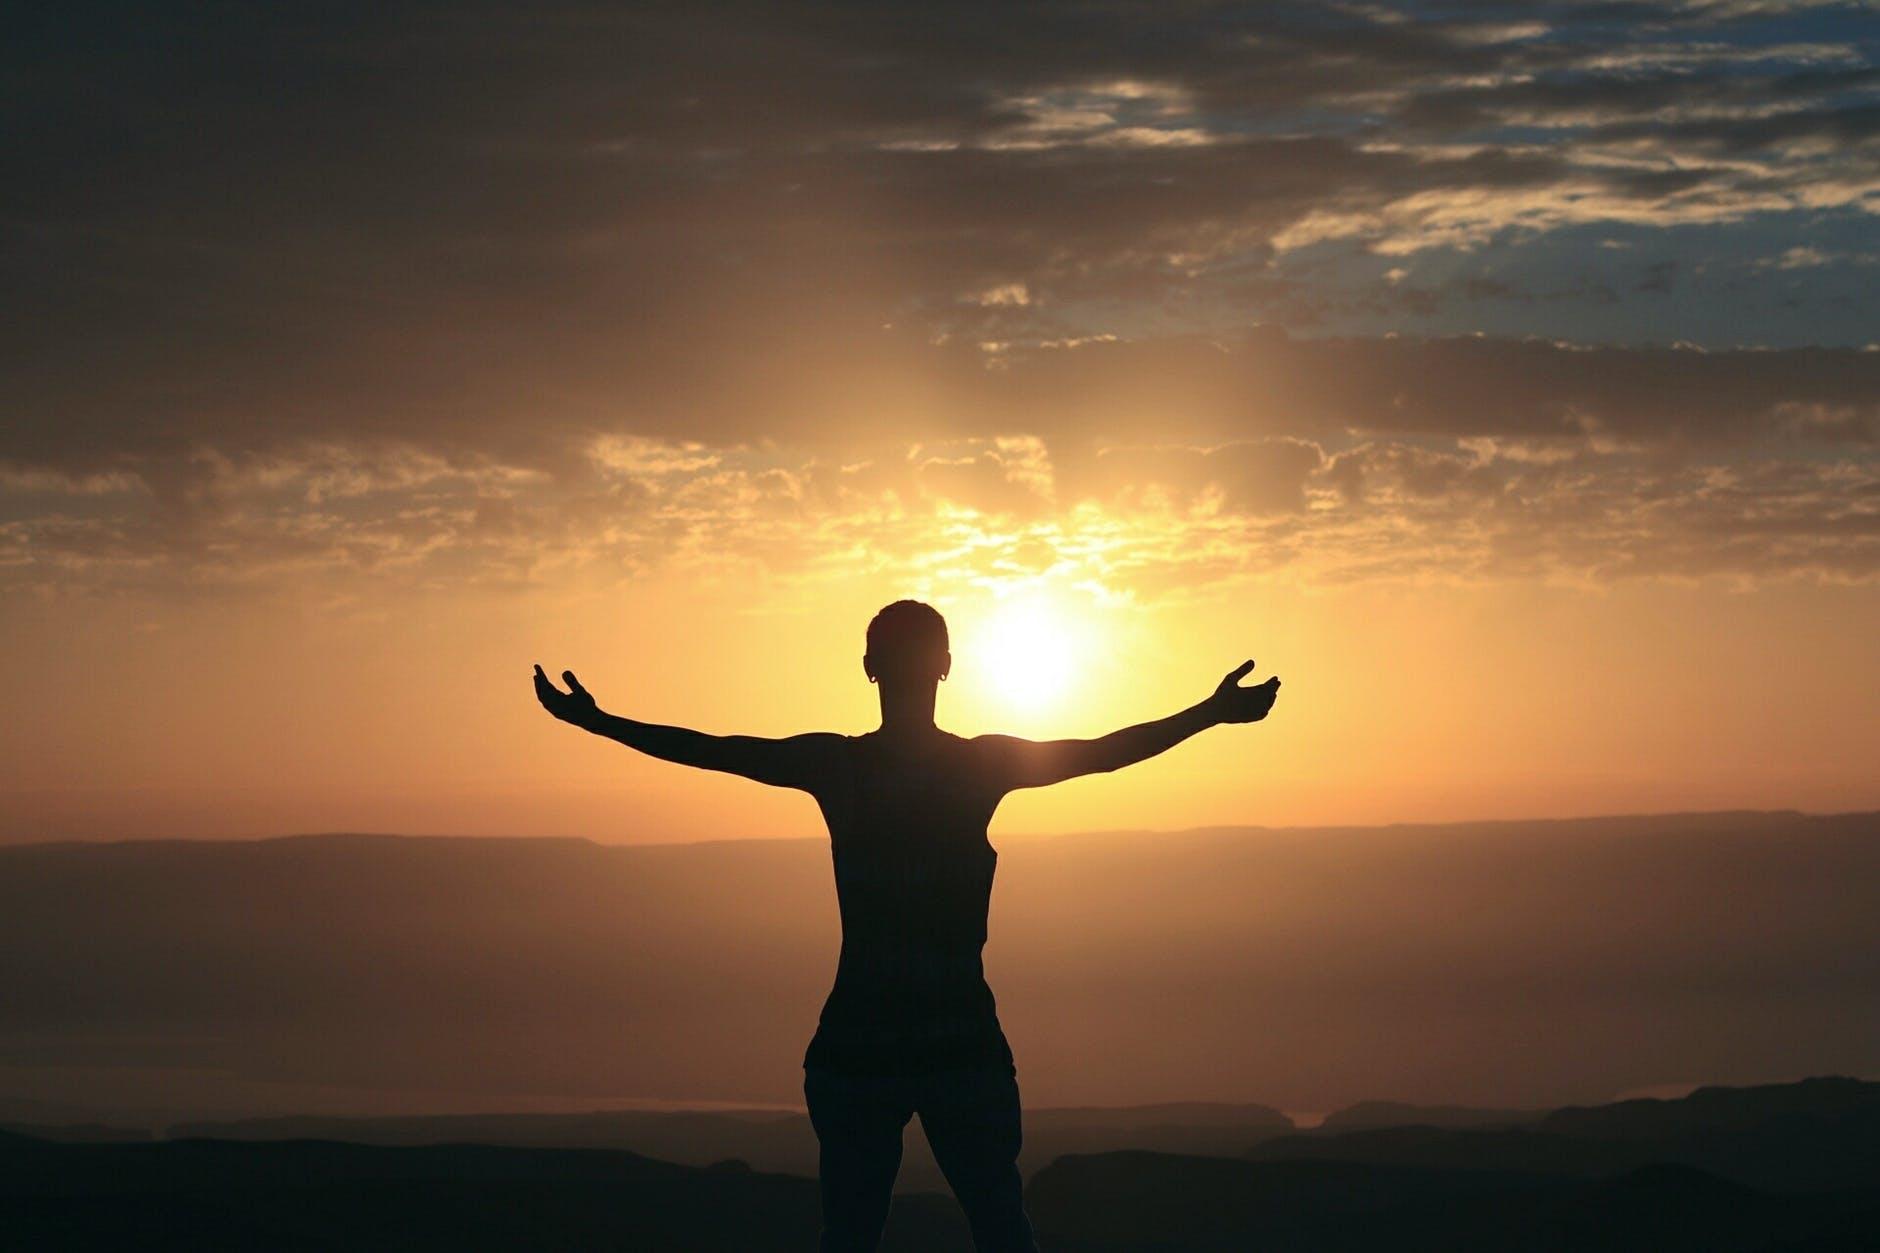 本日は瞑想会に参加します。I participate in a meditation meeting today.